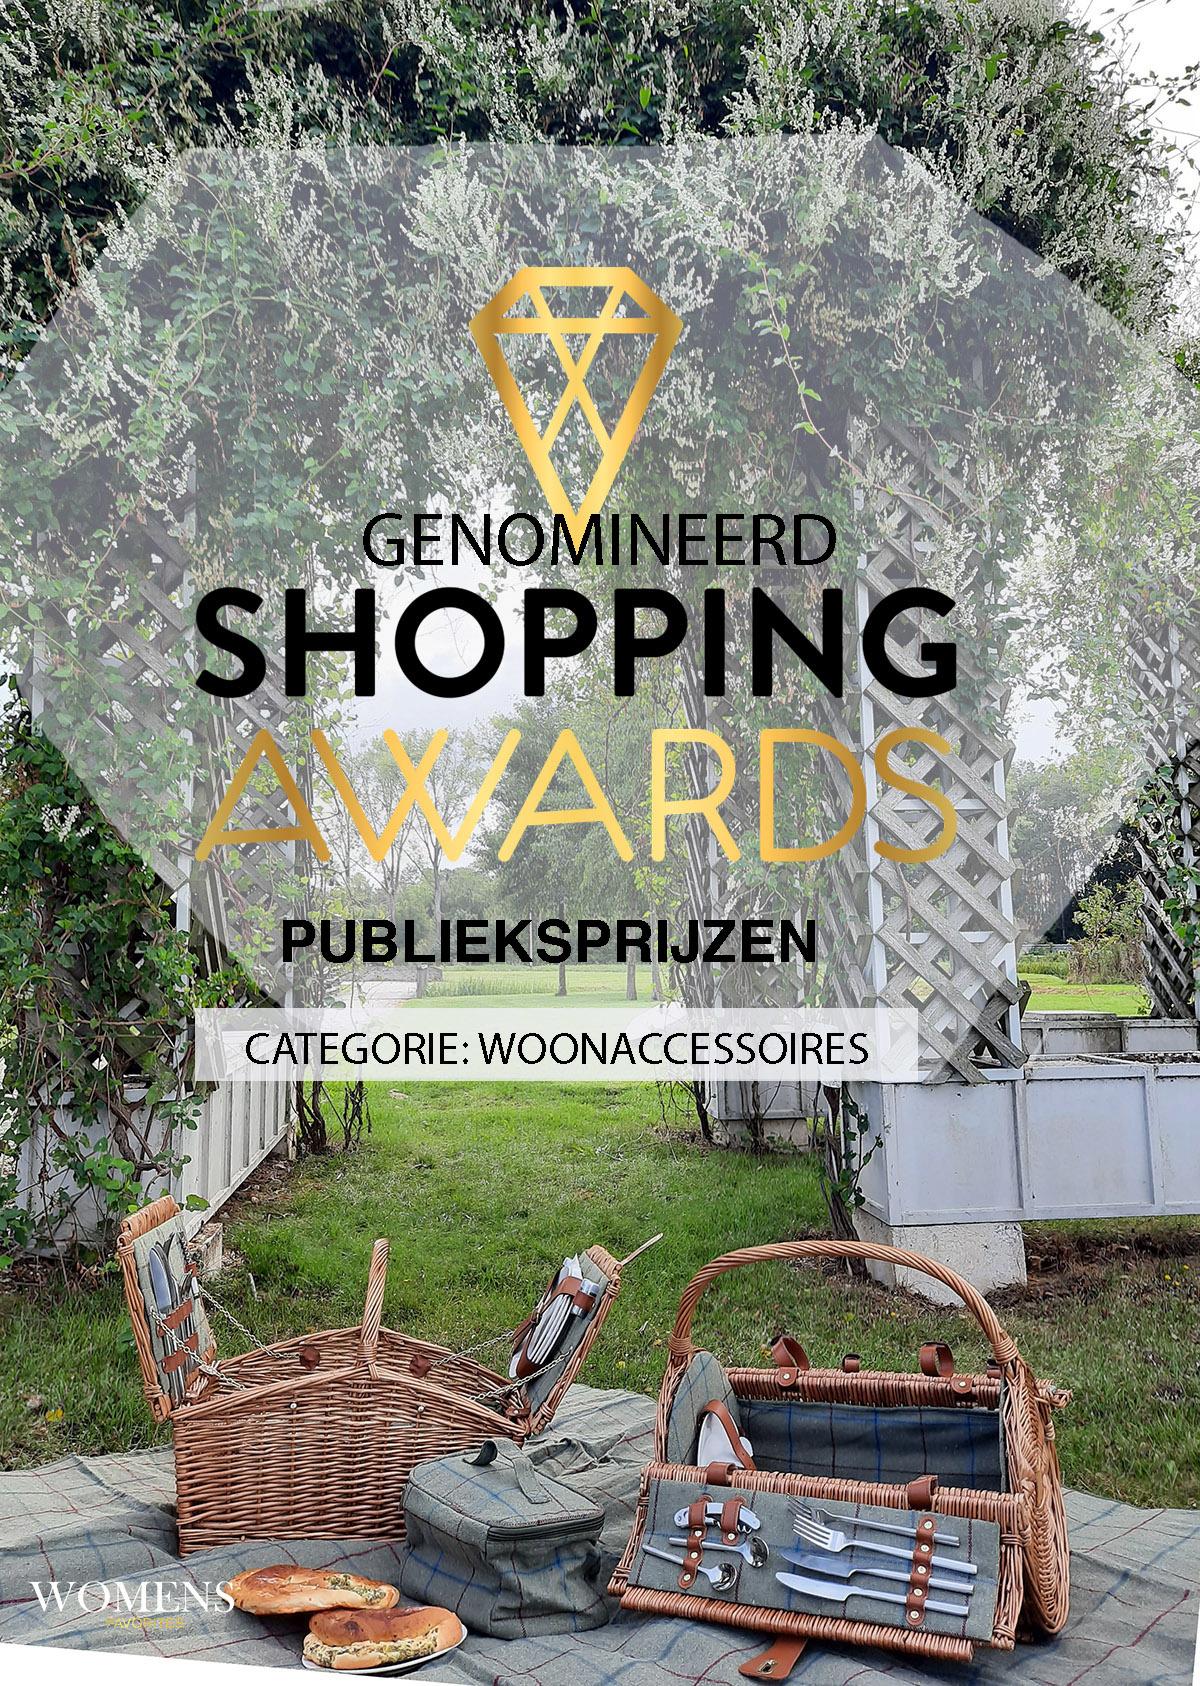 Woehoe! Wij zijn genomineerd voor Shopping Award 2021: Stem op mij!